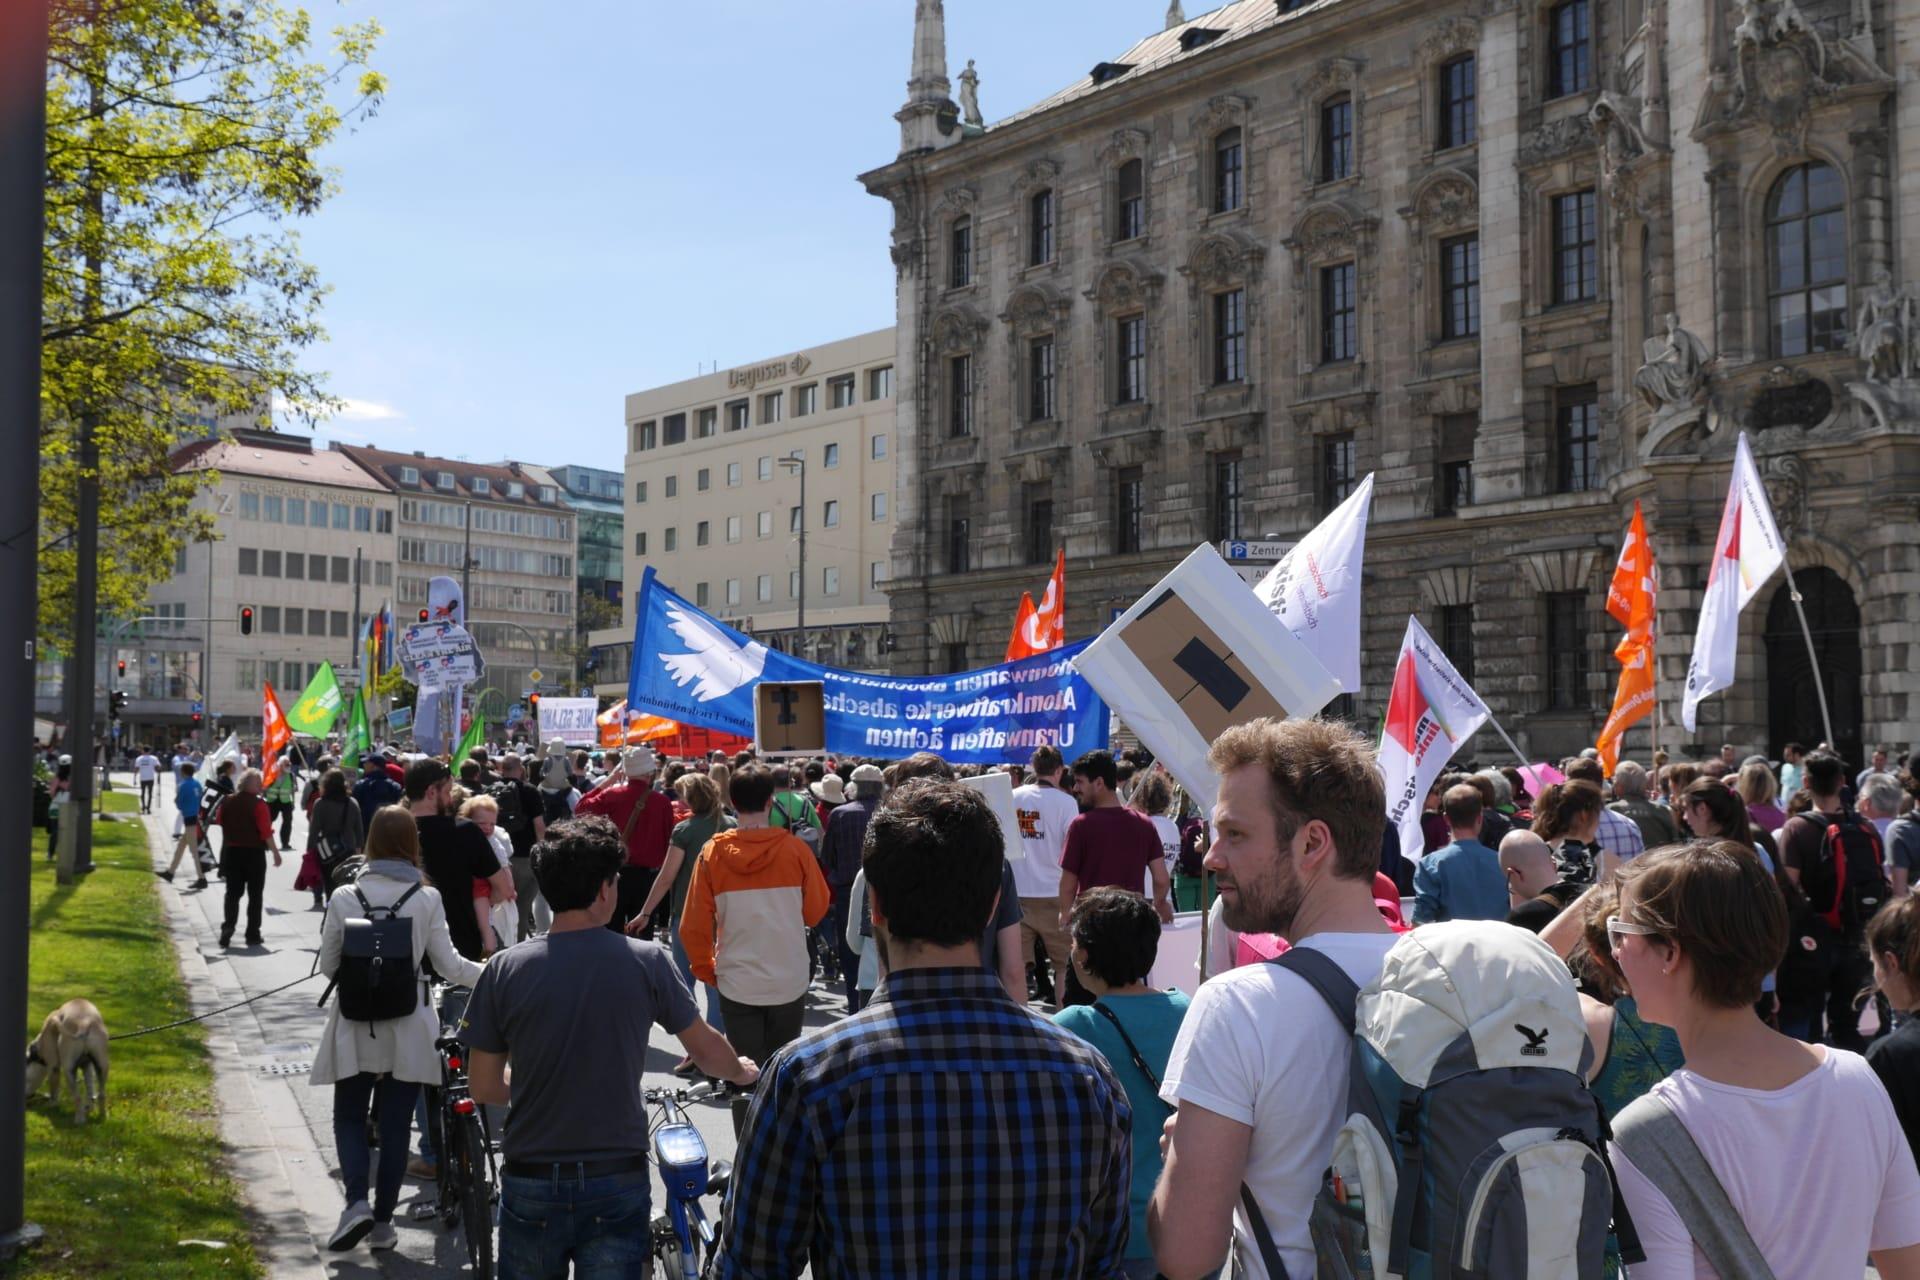 Global Climate March - Von München soll kein Schaden ausgehen!